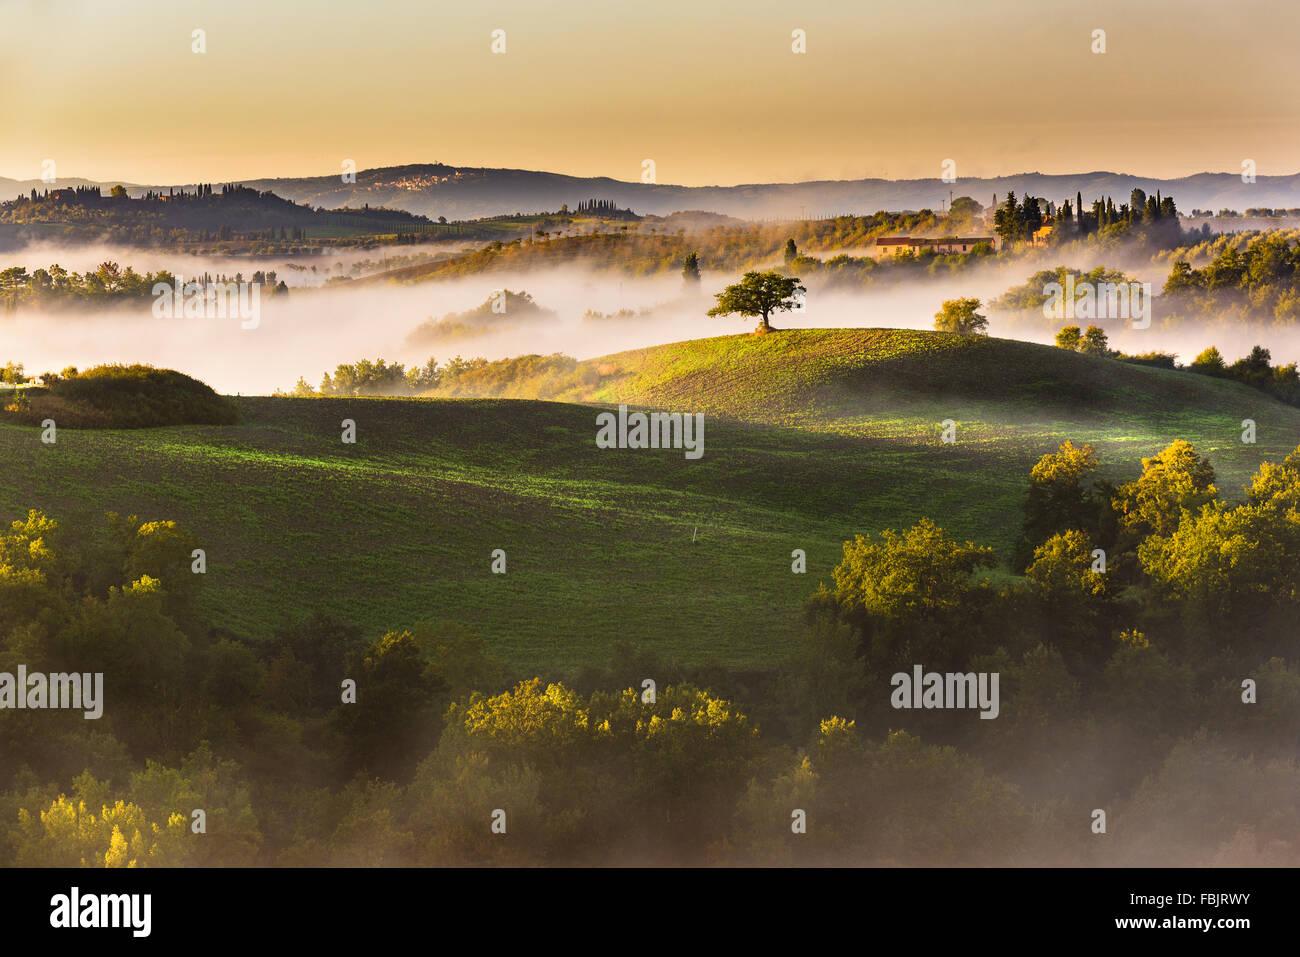 Alberi e frutteti nei campi italiani. Toscana Autunno giorno. Immagini Stock